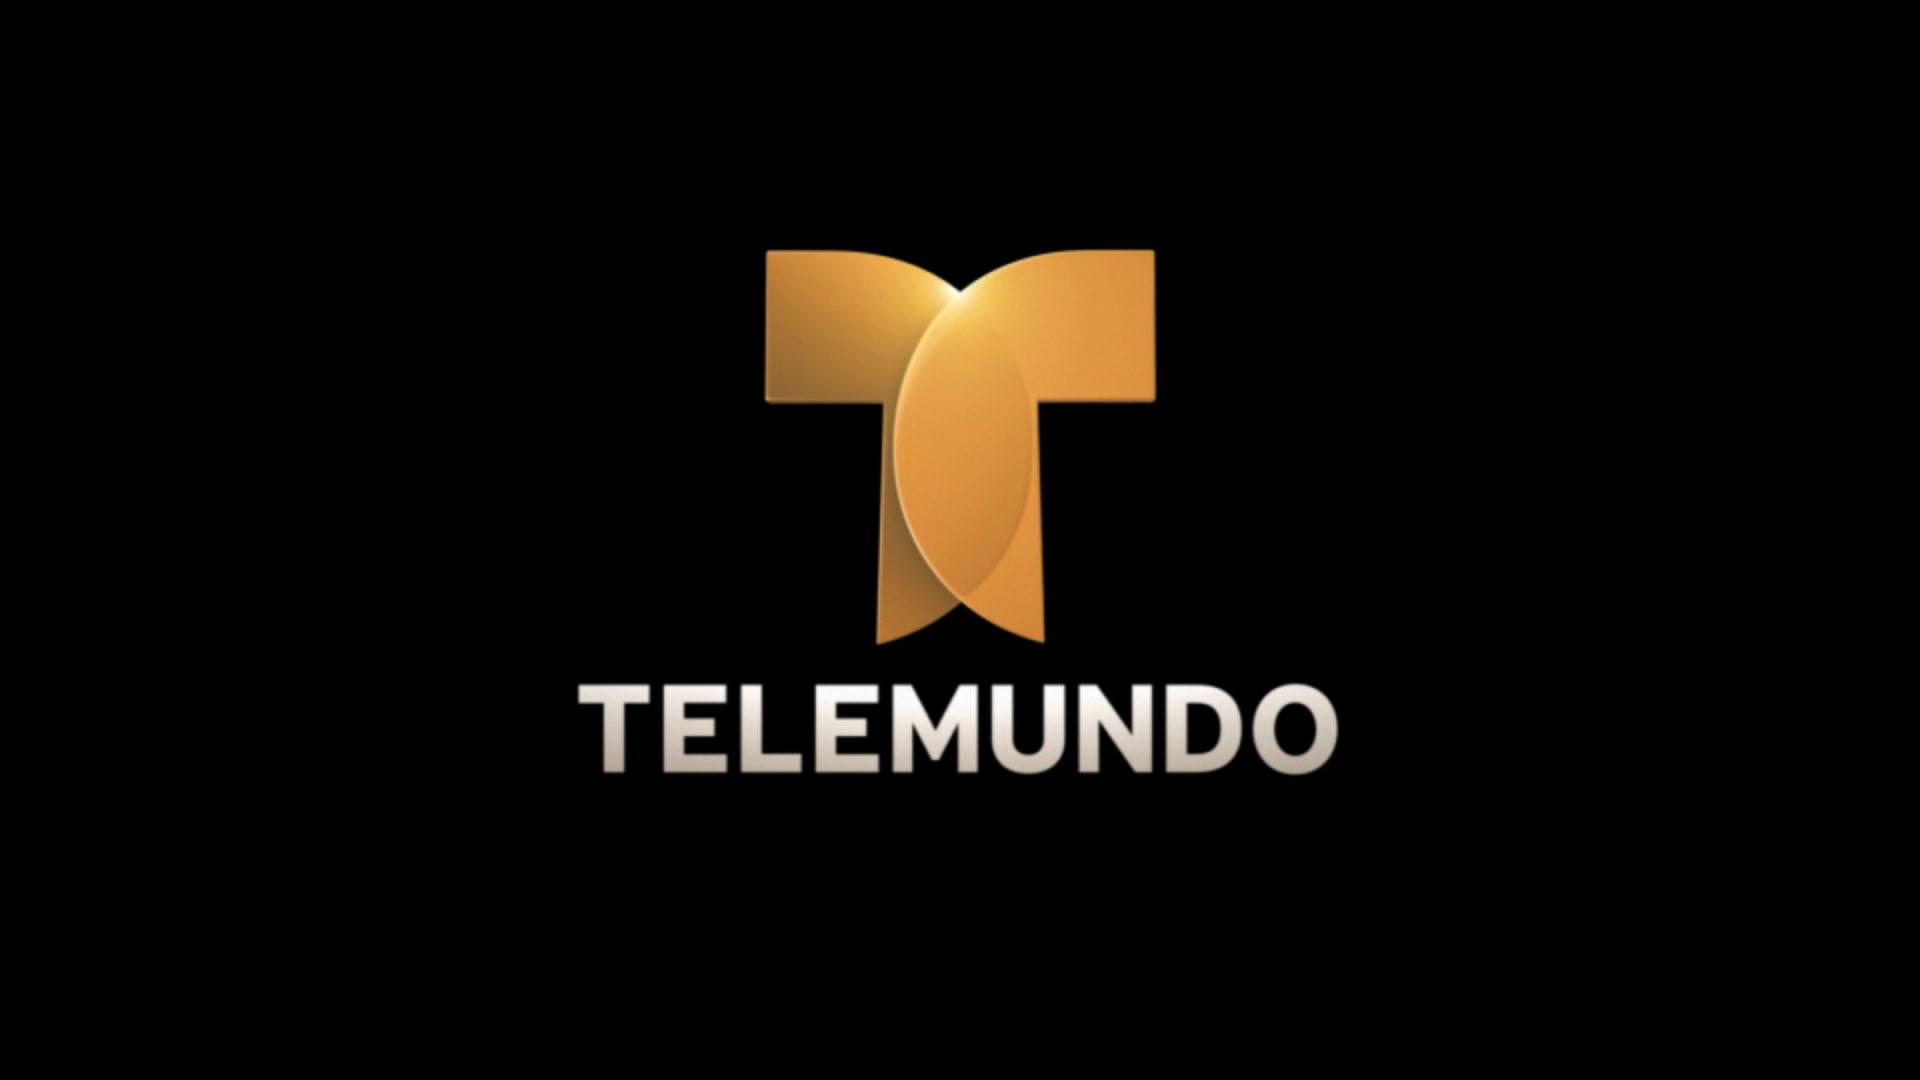 SERIE OFICIAL AUTORIZADA DE LA VIDA DE LUIS MIGUEL SE ESTRENARÁ POR TELEMUNDO - TRAILER